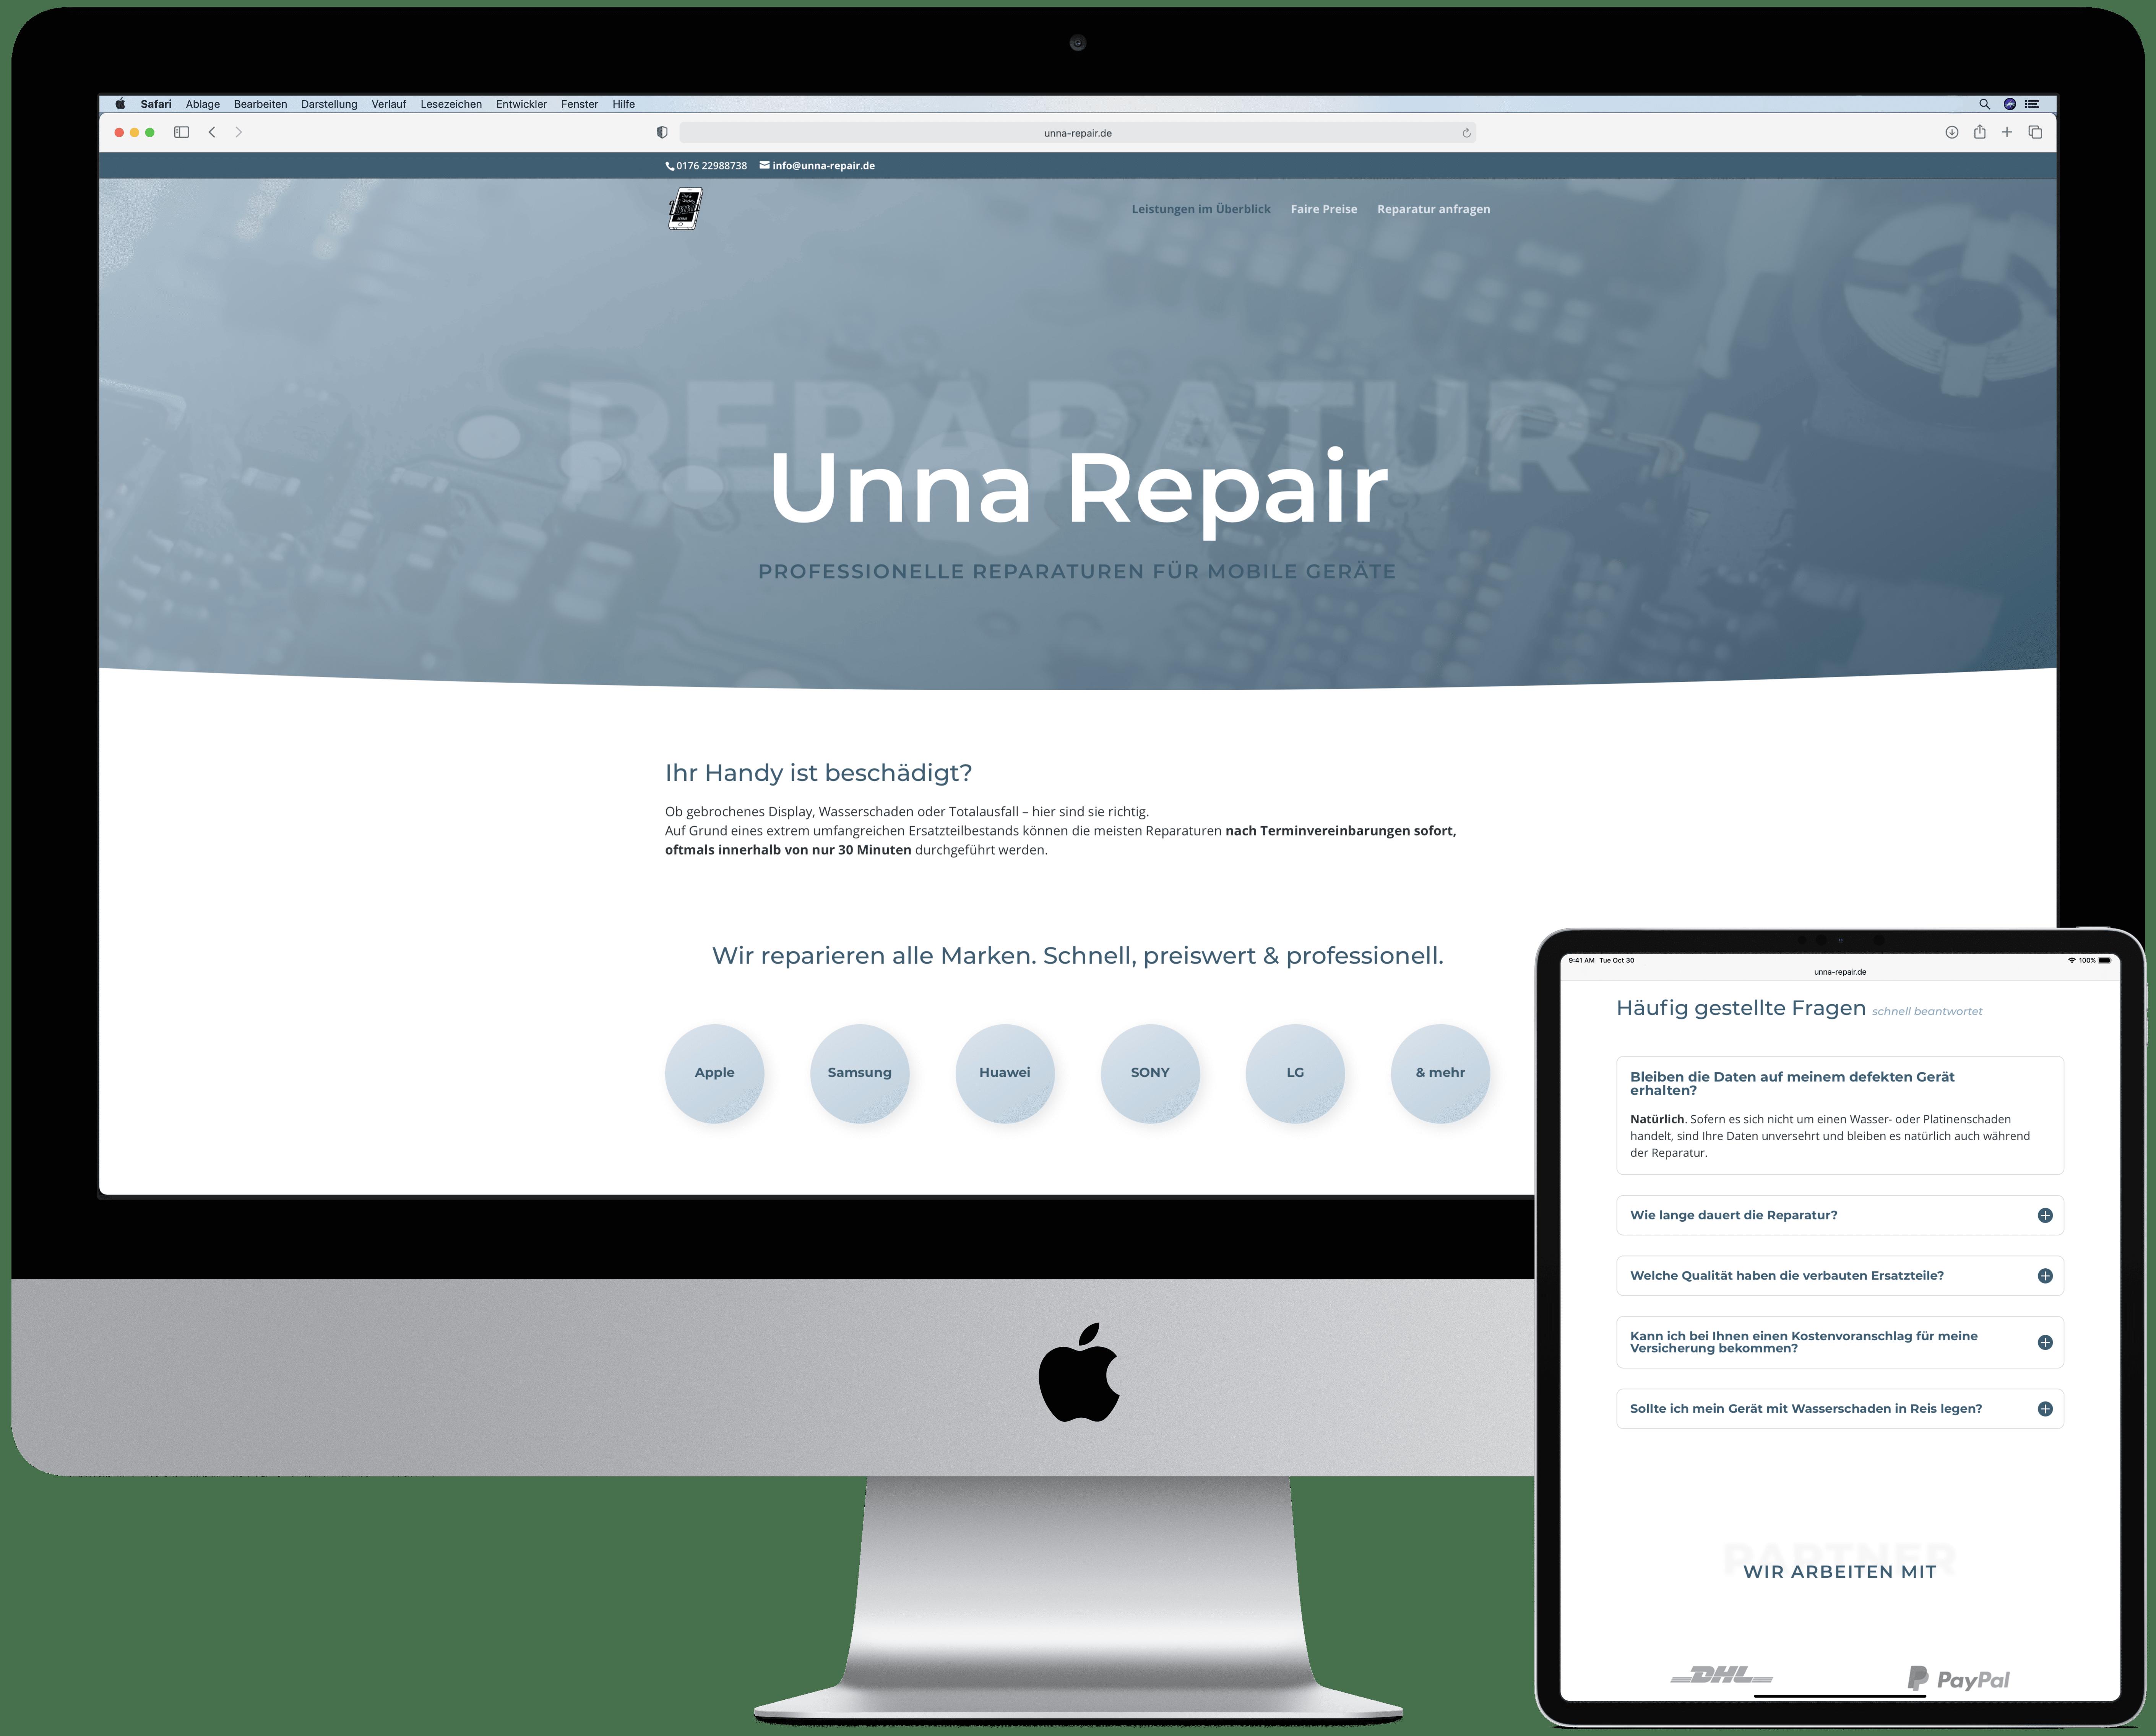 Die Website von Unna Repair auf einem Computerbildschirm und einem Tablet mit Ansicht der Startseite bzw. des FAQs.